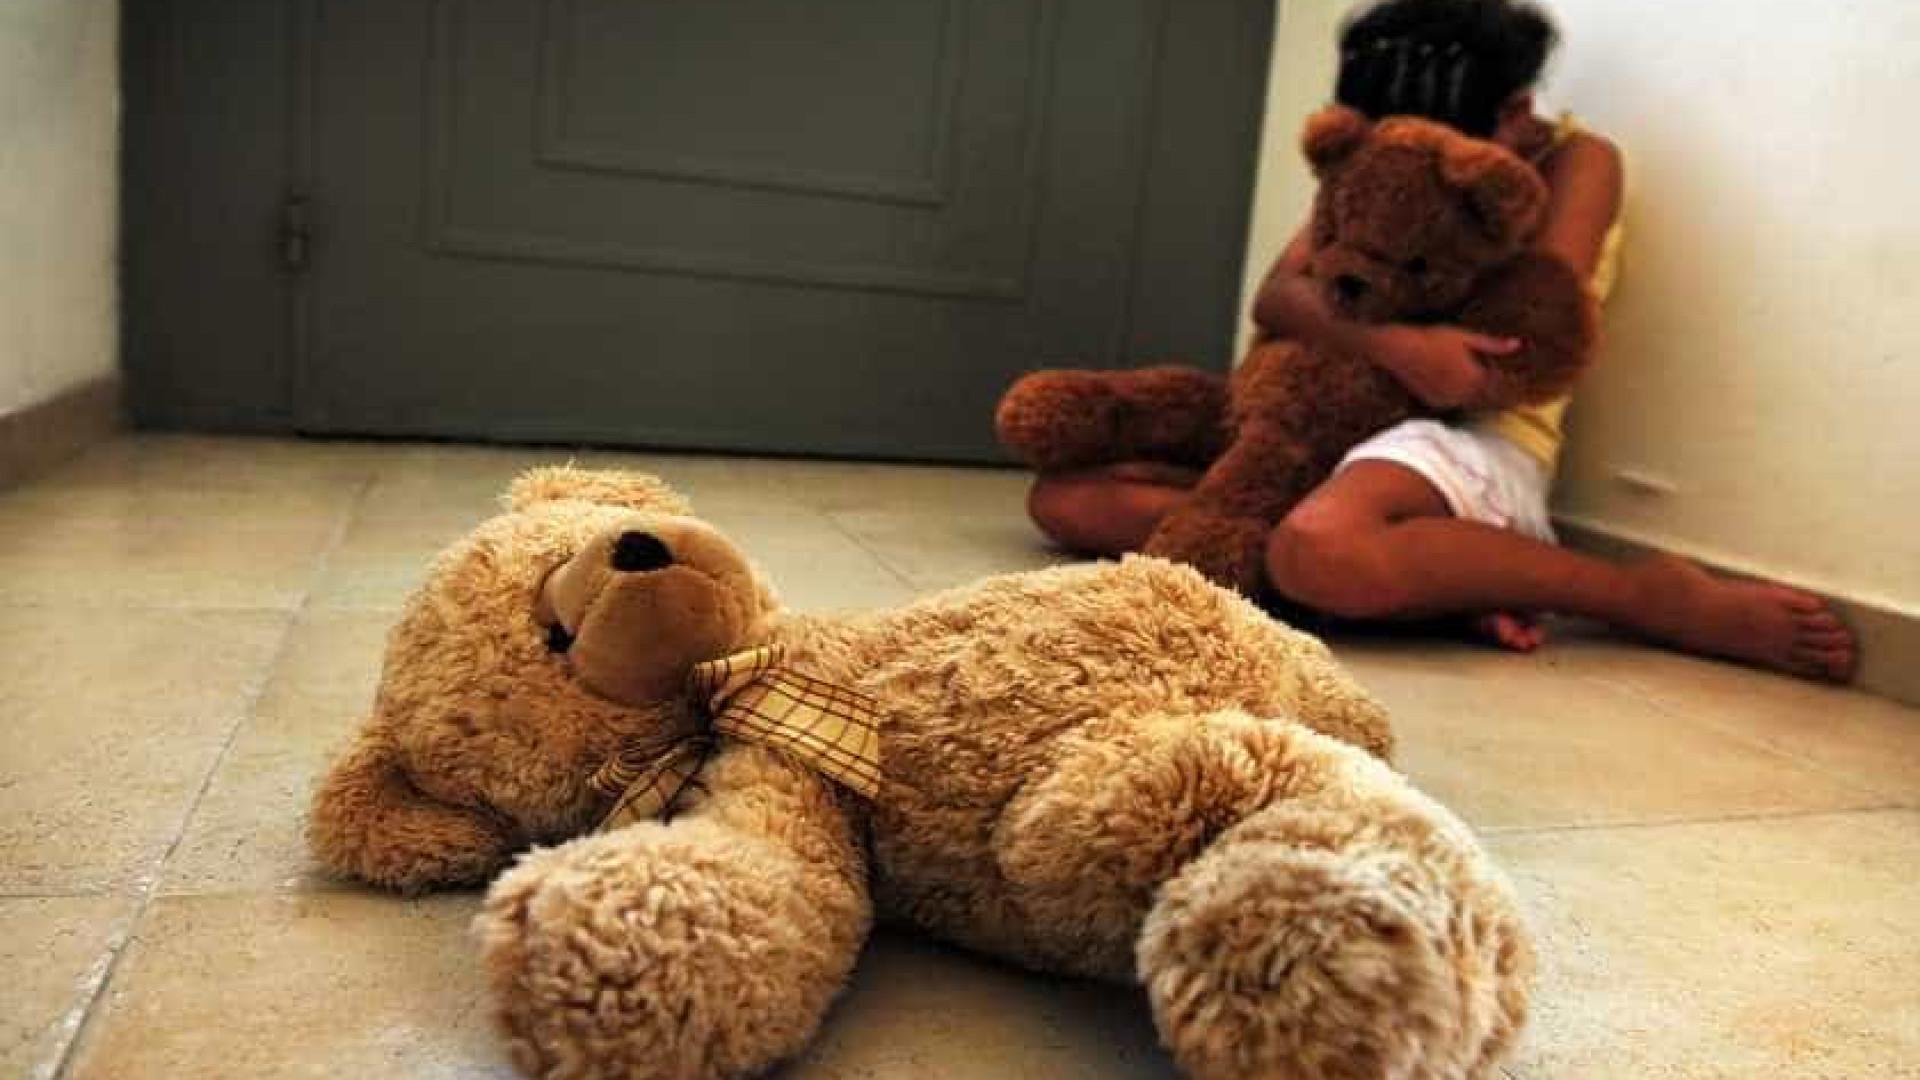 Avô é suspeito de estuprar seis netas com idades de 4 a 15 anos em SP